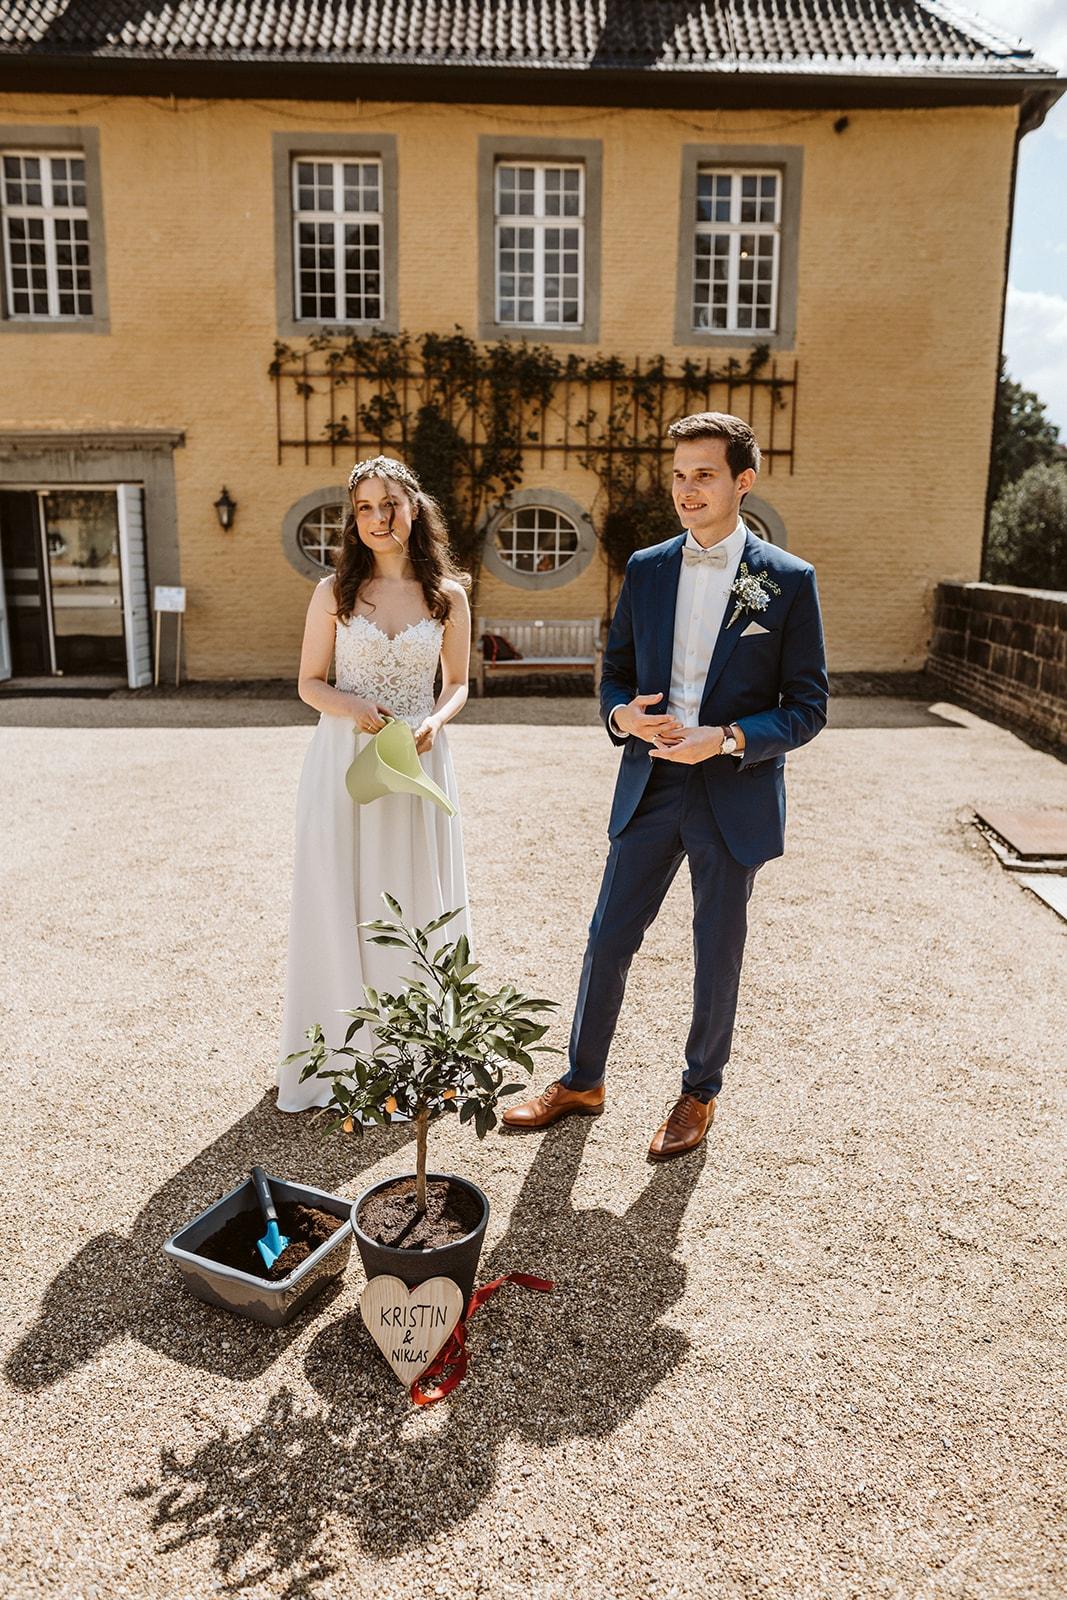 Baum pflanzen am Hochzeitstag – gesehen bei frauimmer-herrewig.de